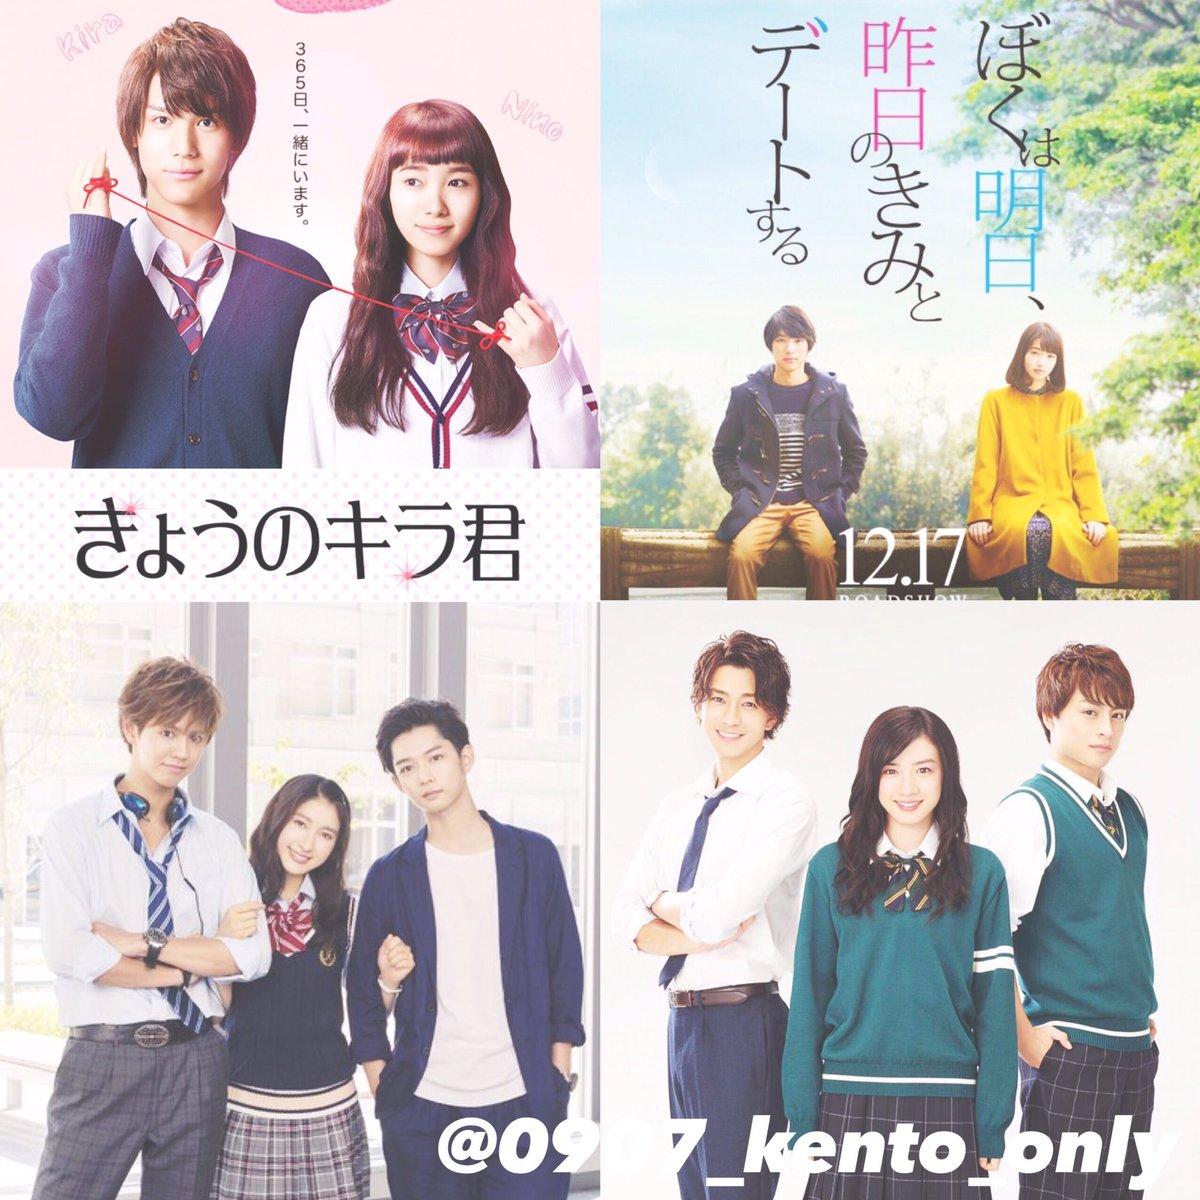 @0907_kento_only: 💓🍿 🎞 🎥 映画 🎦🎬🌟💓きょうのキラ君ぼくは明日、昨日のきみとデートする兄に愛さ